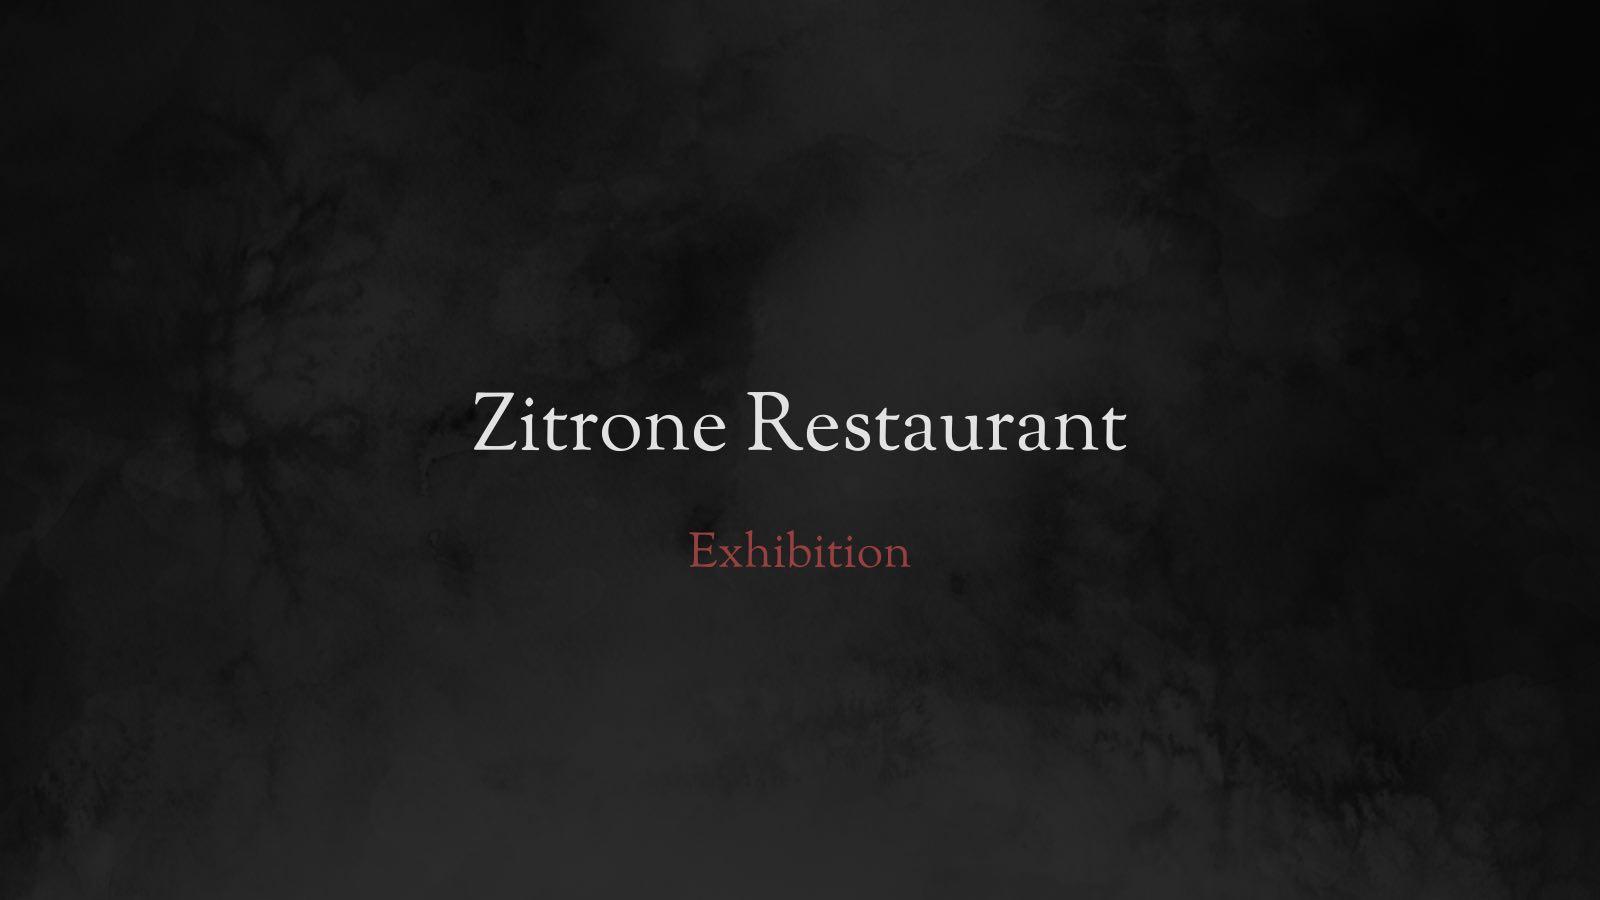 Zitrone exhibition